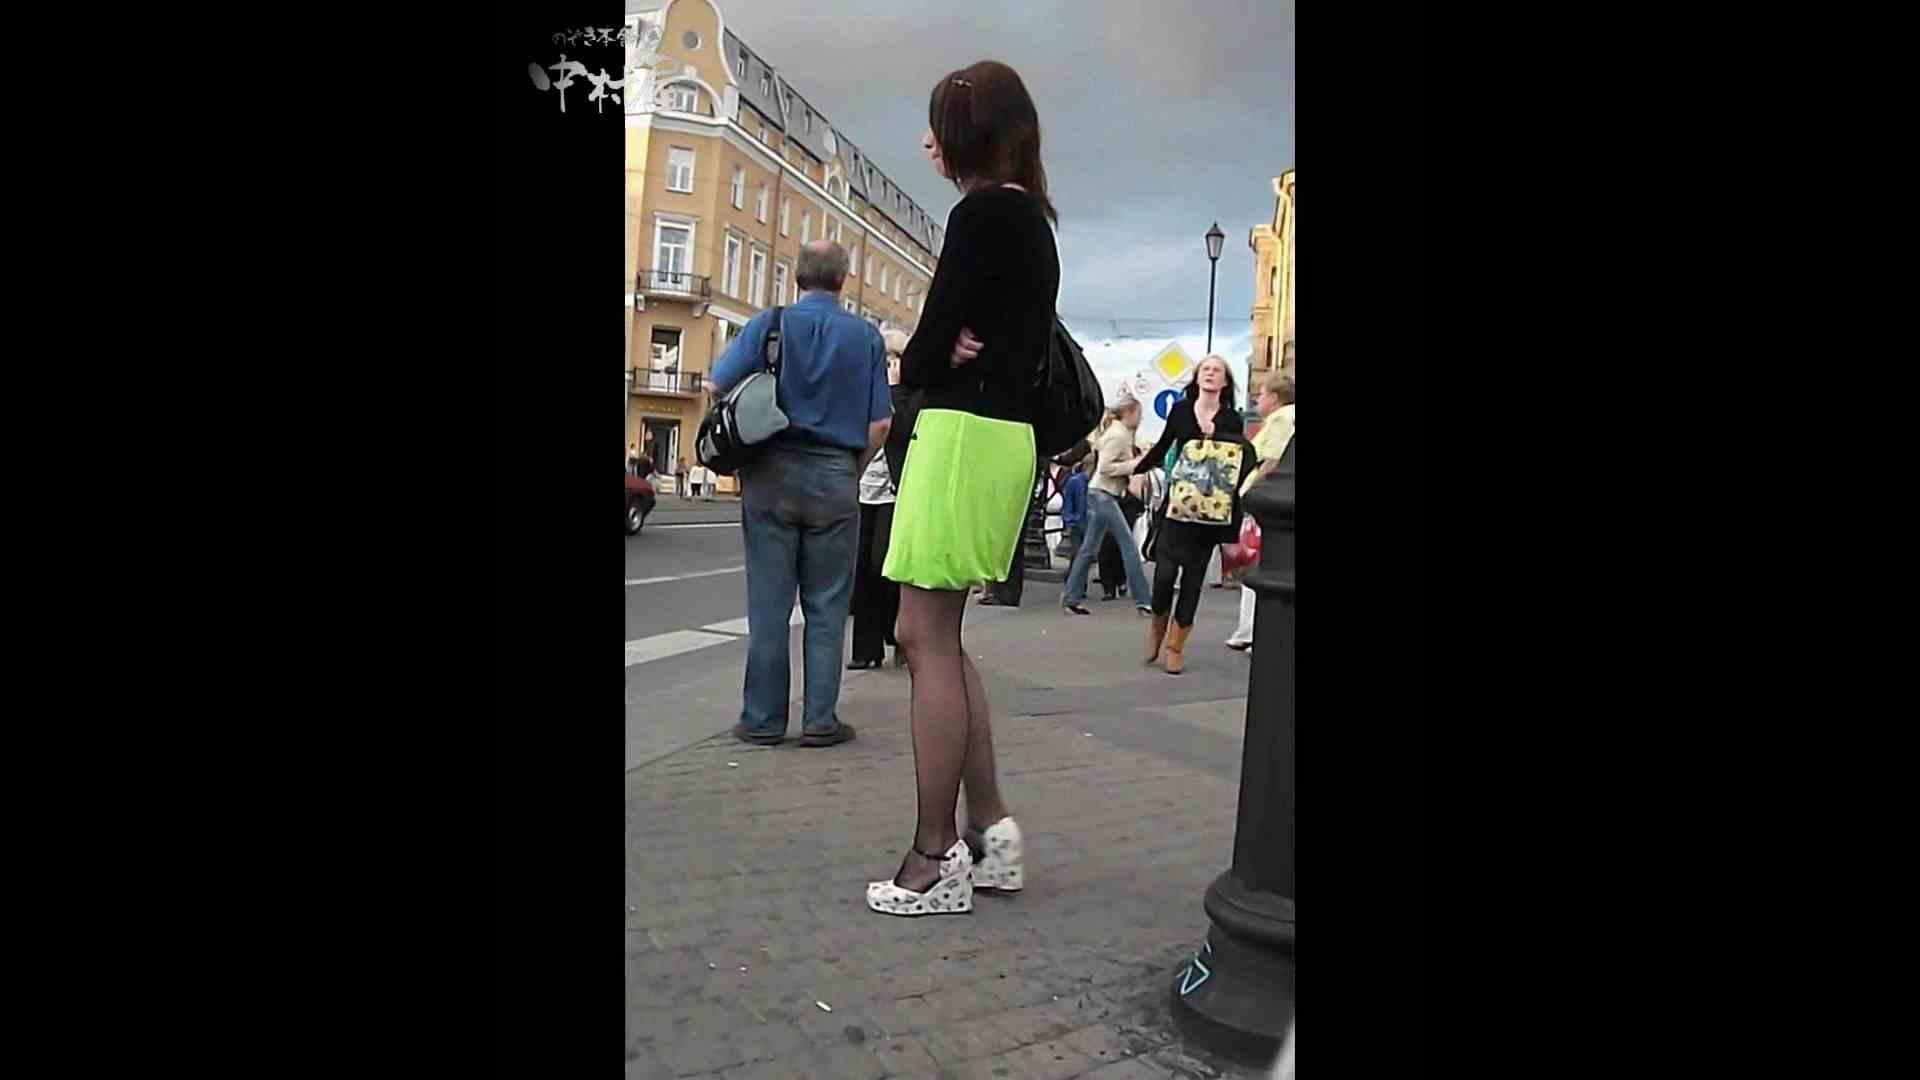 綺麗なモデルさんのスカート捲っちゃおう‼ vol14 0   0  52連発 19